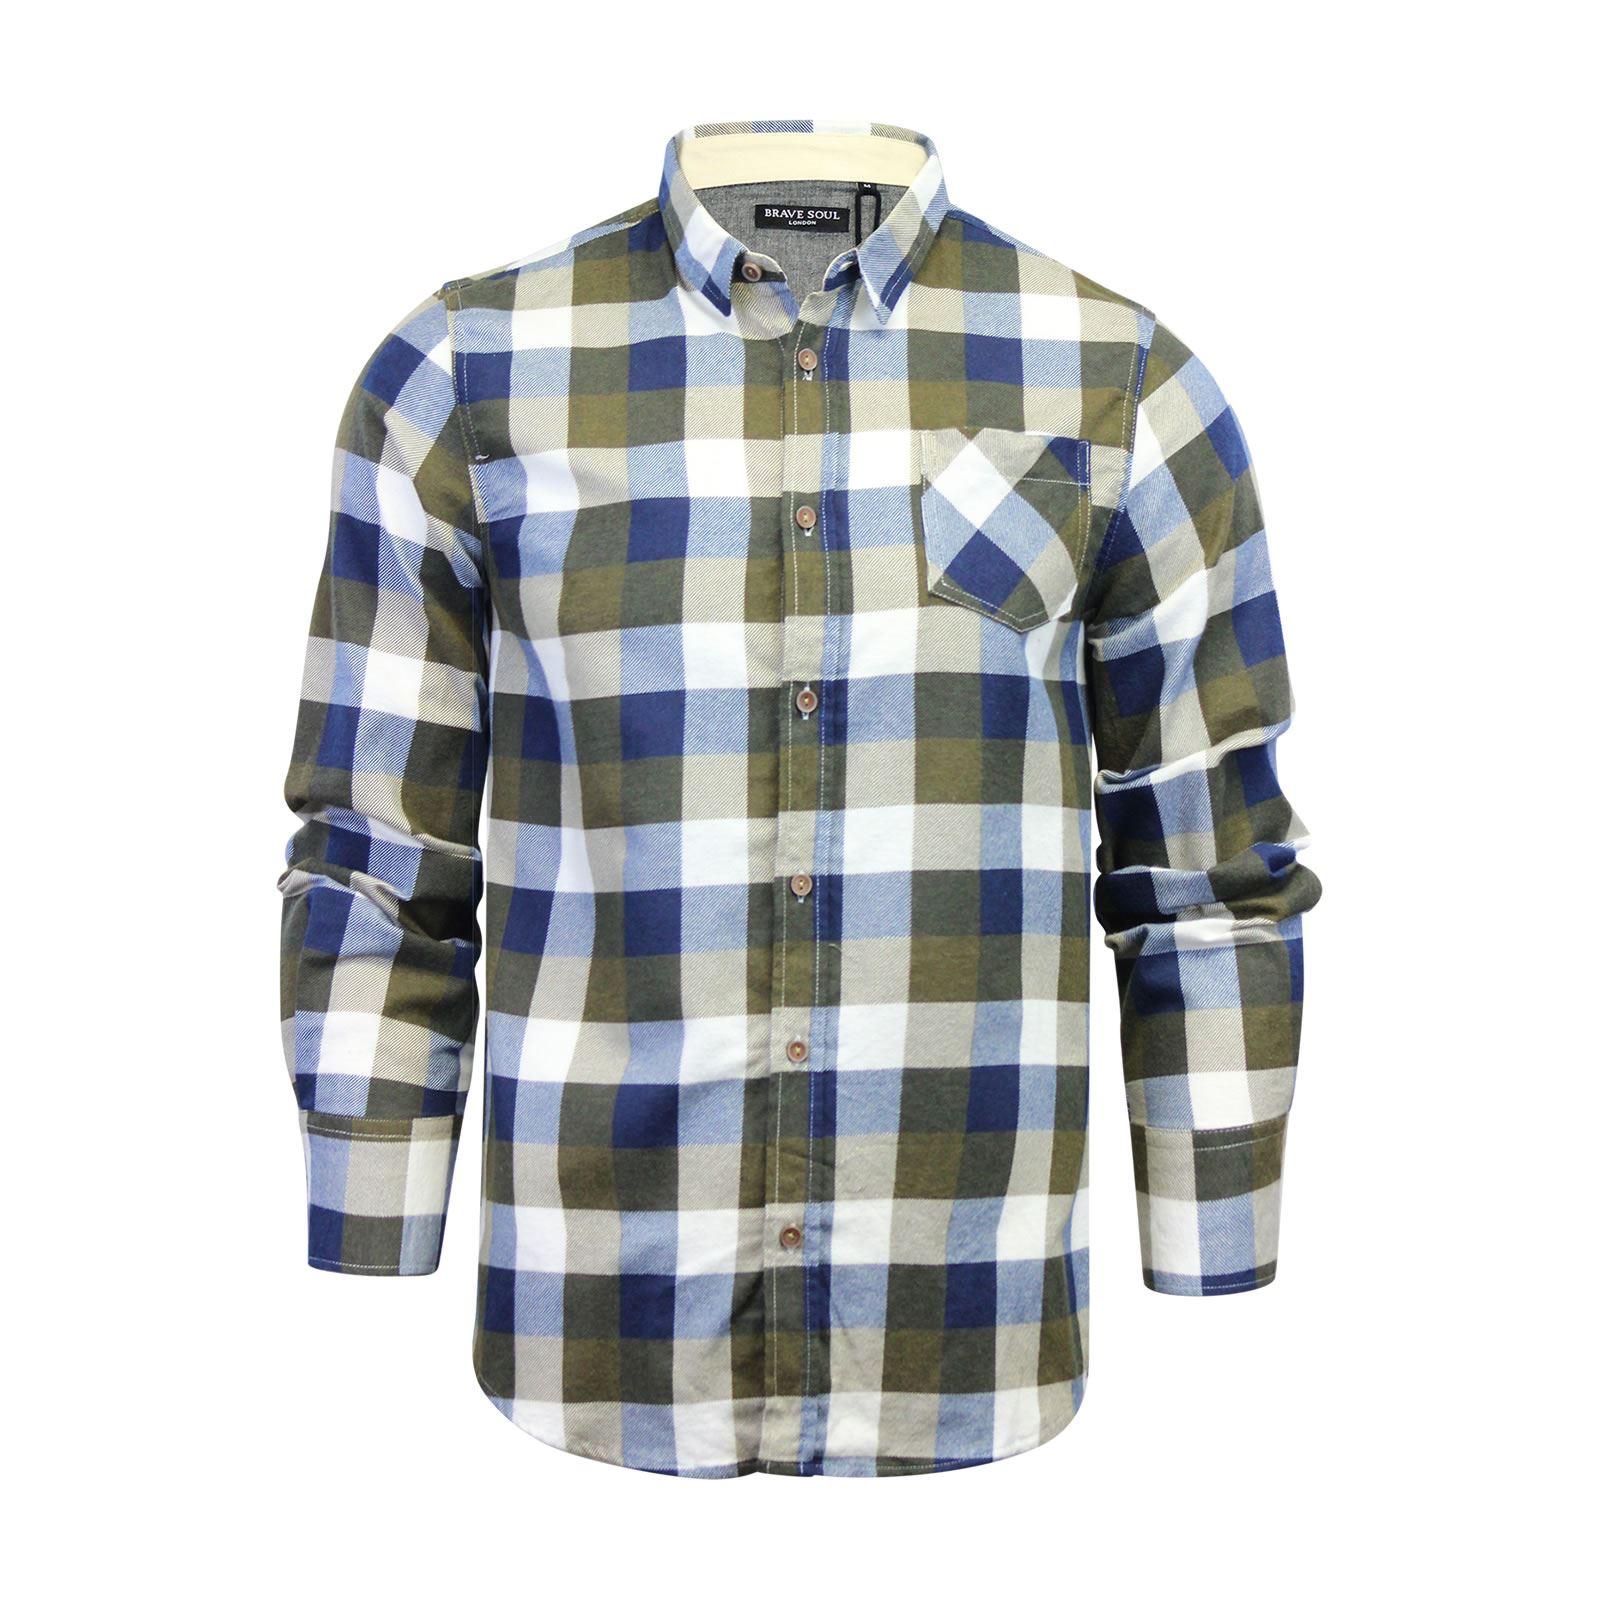 Alma-VALIENTE-HOMBRE-compruebe-Camisa-Algodon-Cepillado-De-Franela-Top-Manga-Larga-Casual miniatura 61